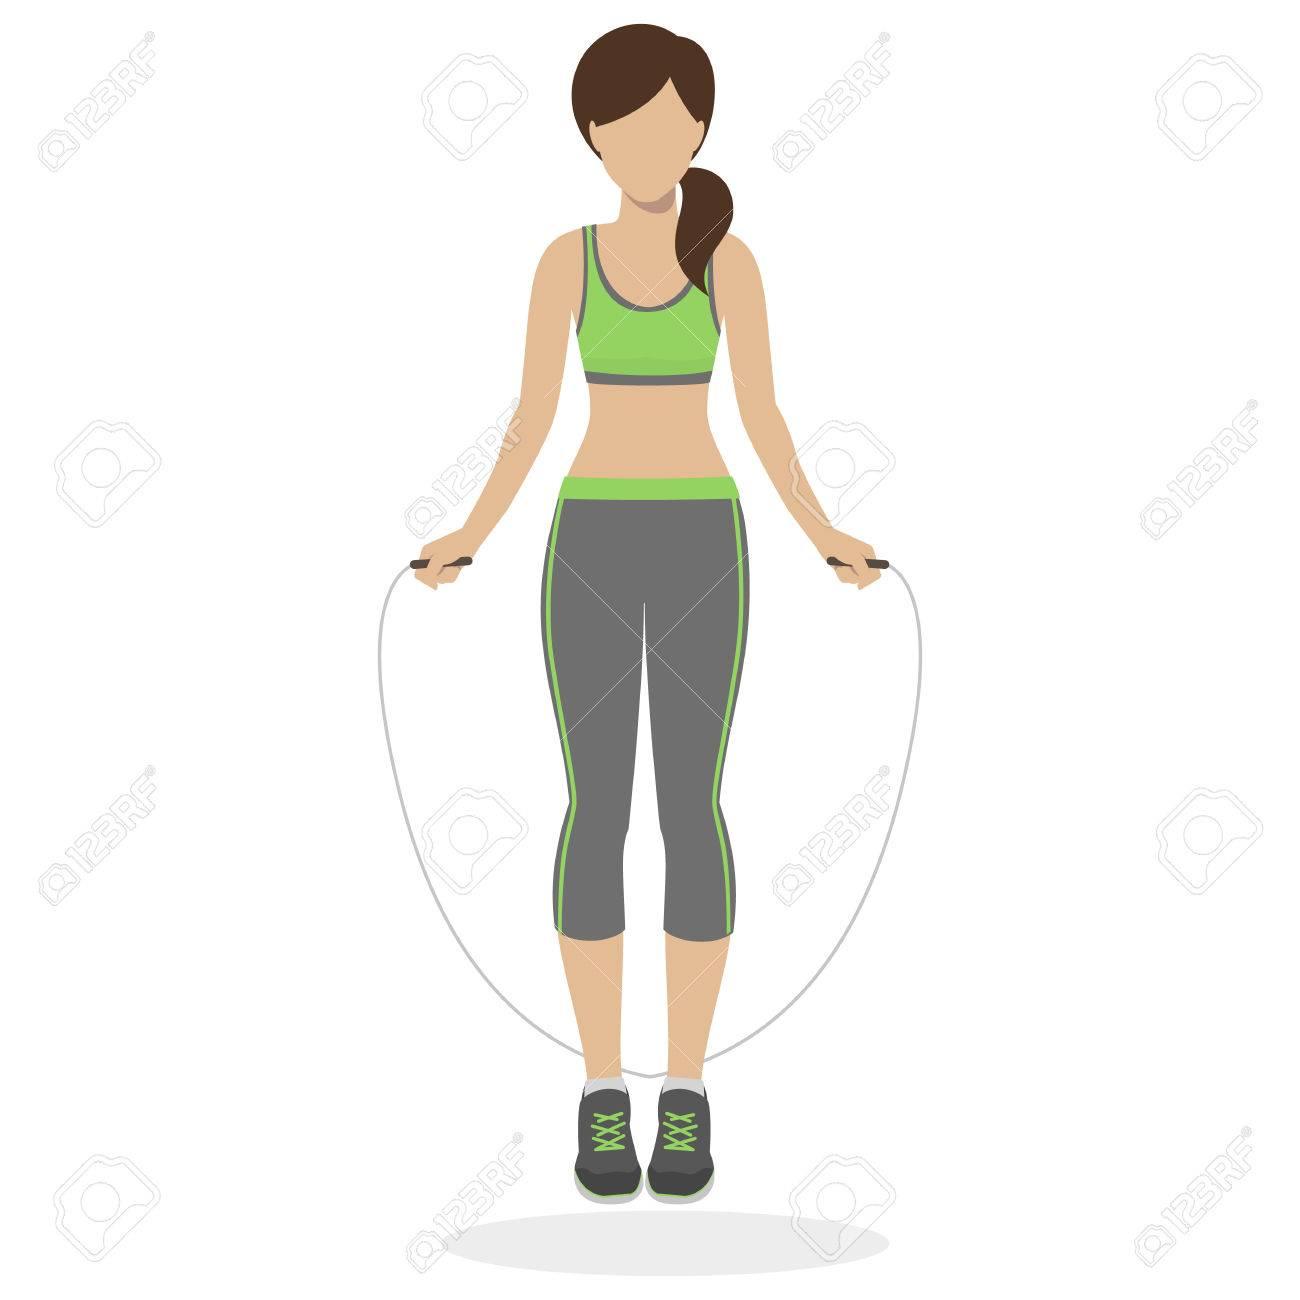 saltar cuerda me ayuda a bajar de peso